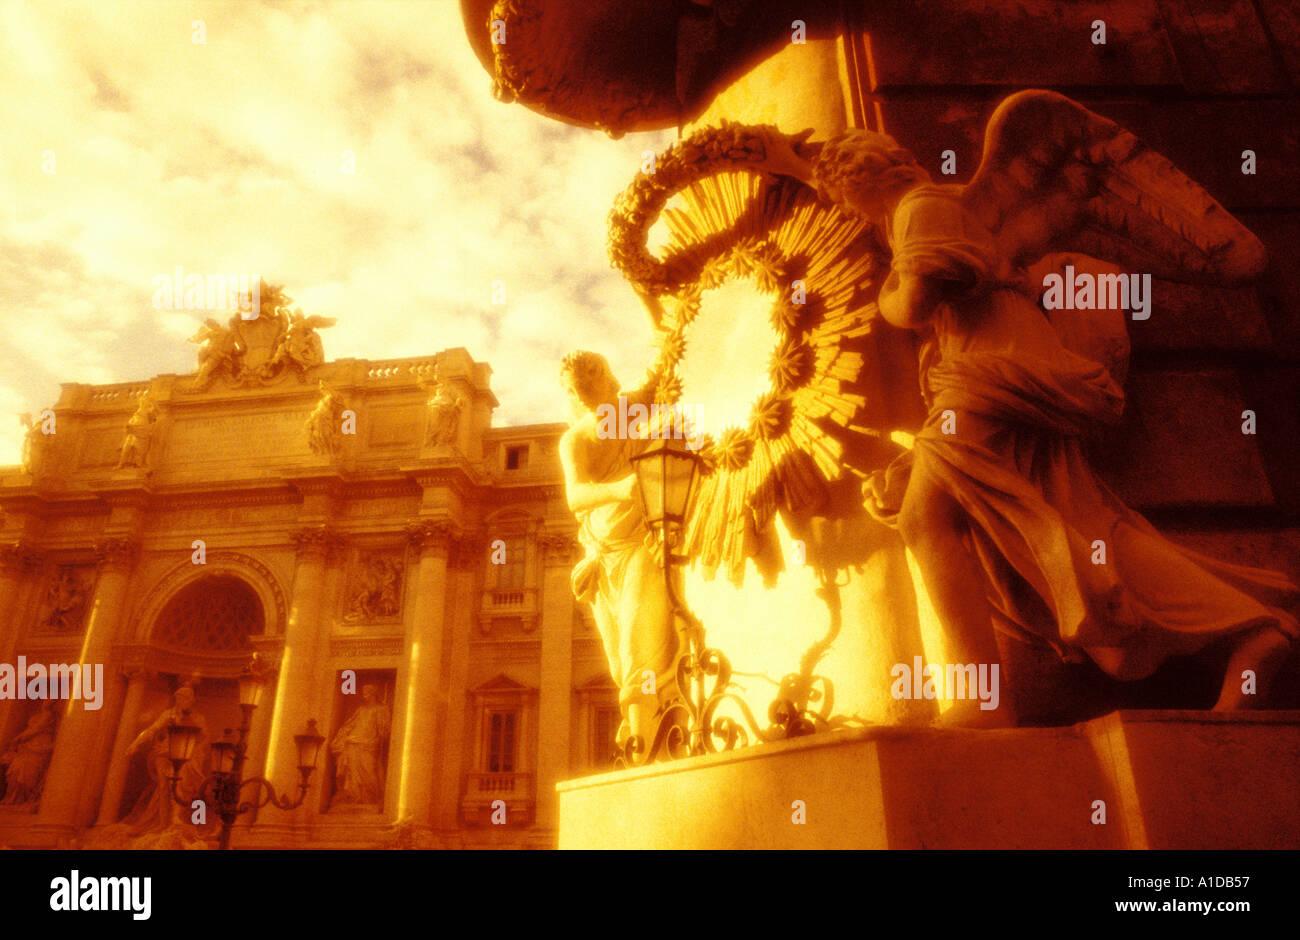 Italien Rom Trevibrunnen warme körnigen look Stockbild